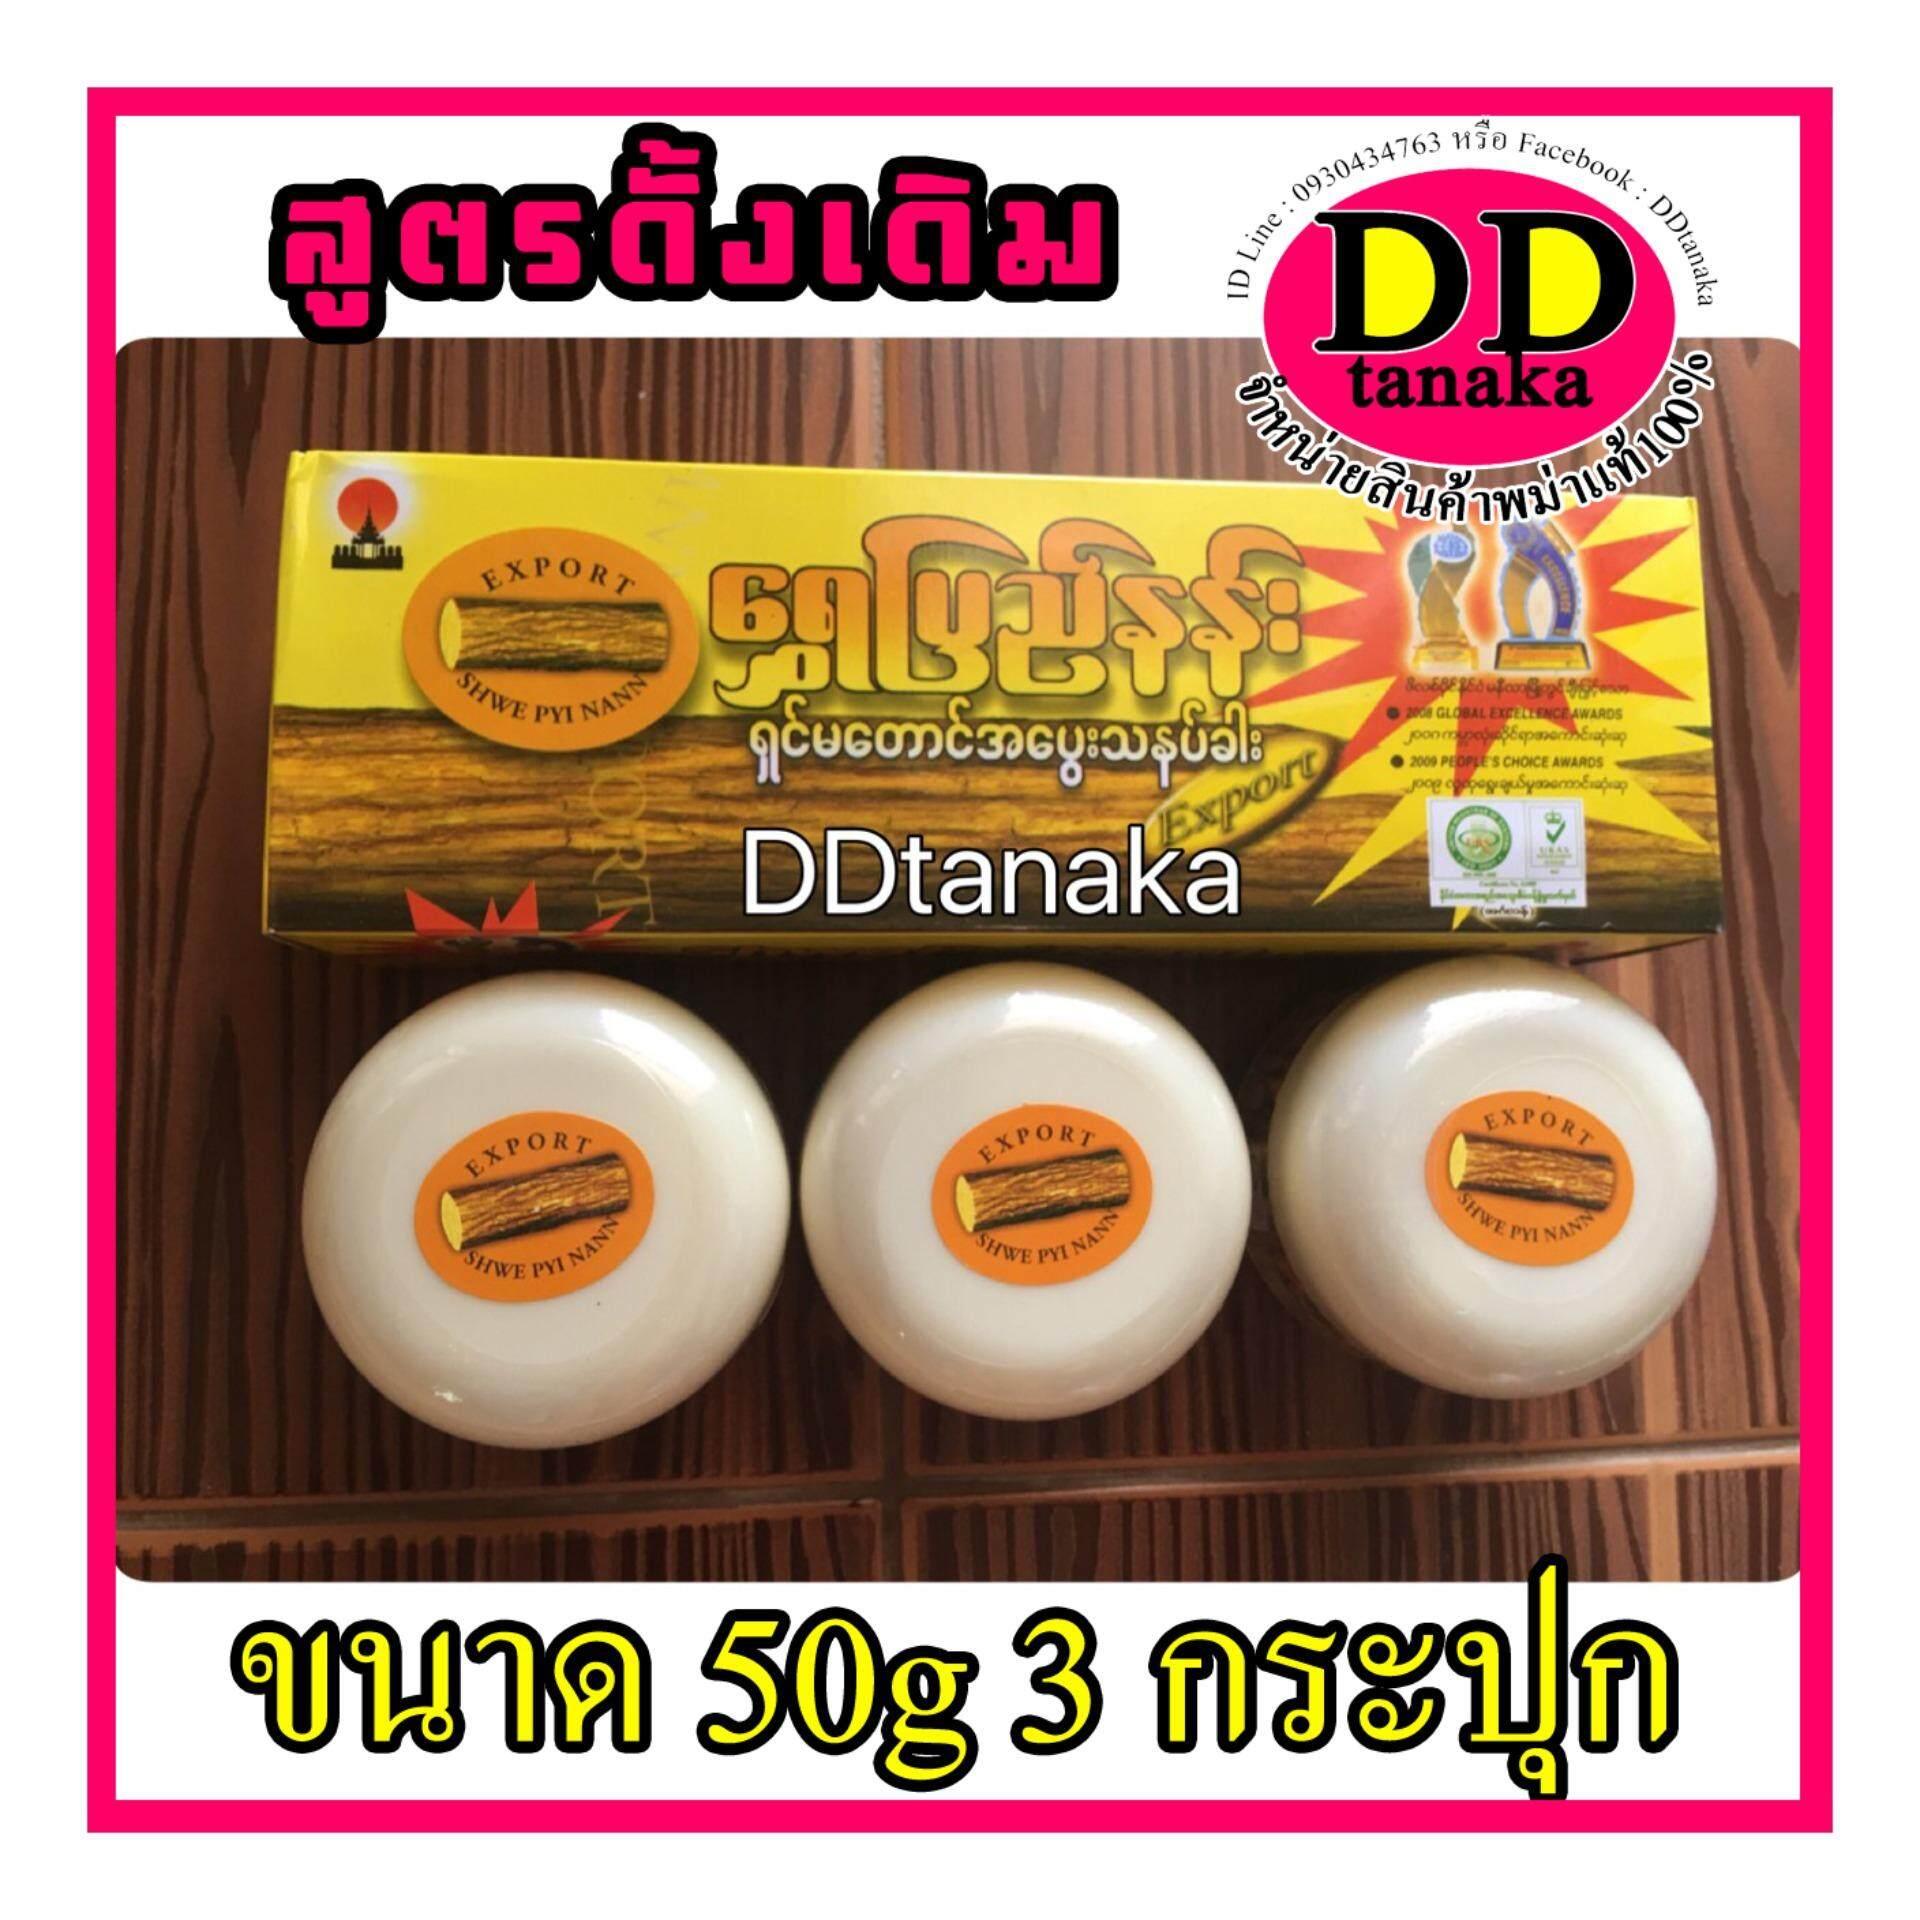 (ส่งฟรี)แป้งพอกทานาคาสูตรดั้งเดิม(3กระปุก)ขนาด 50g(Shwe pyi nann)